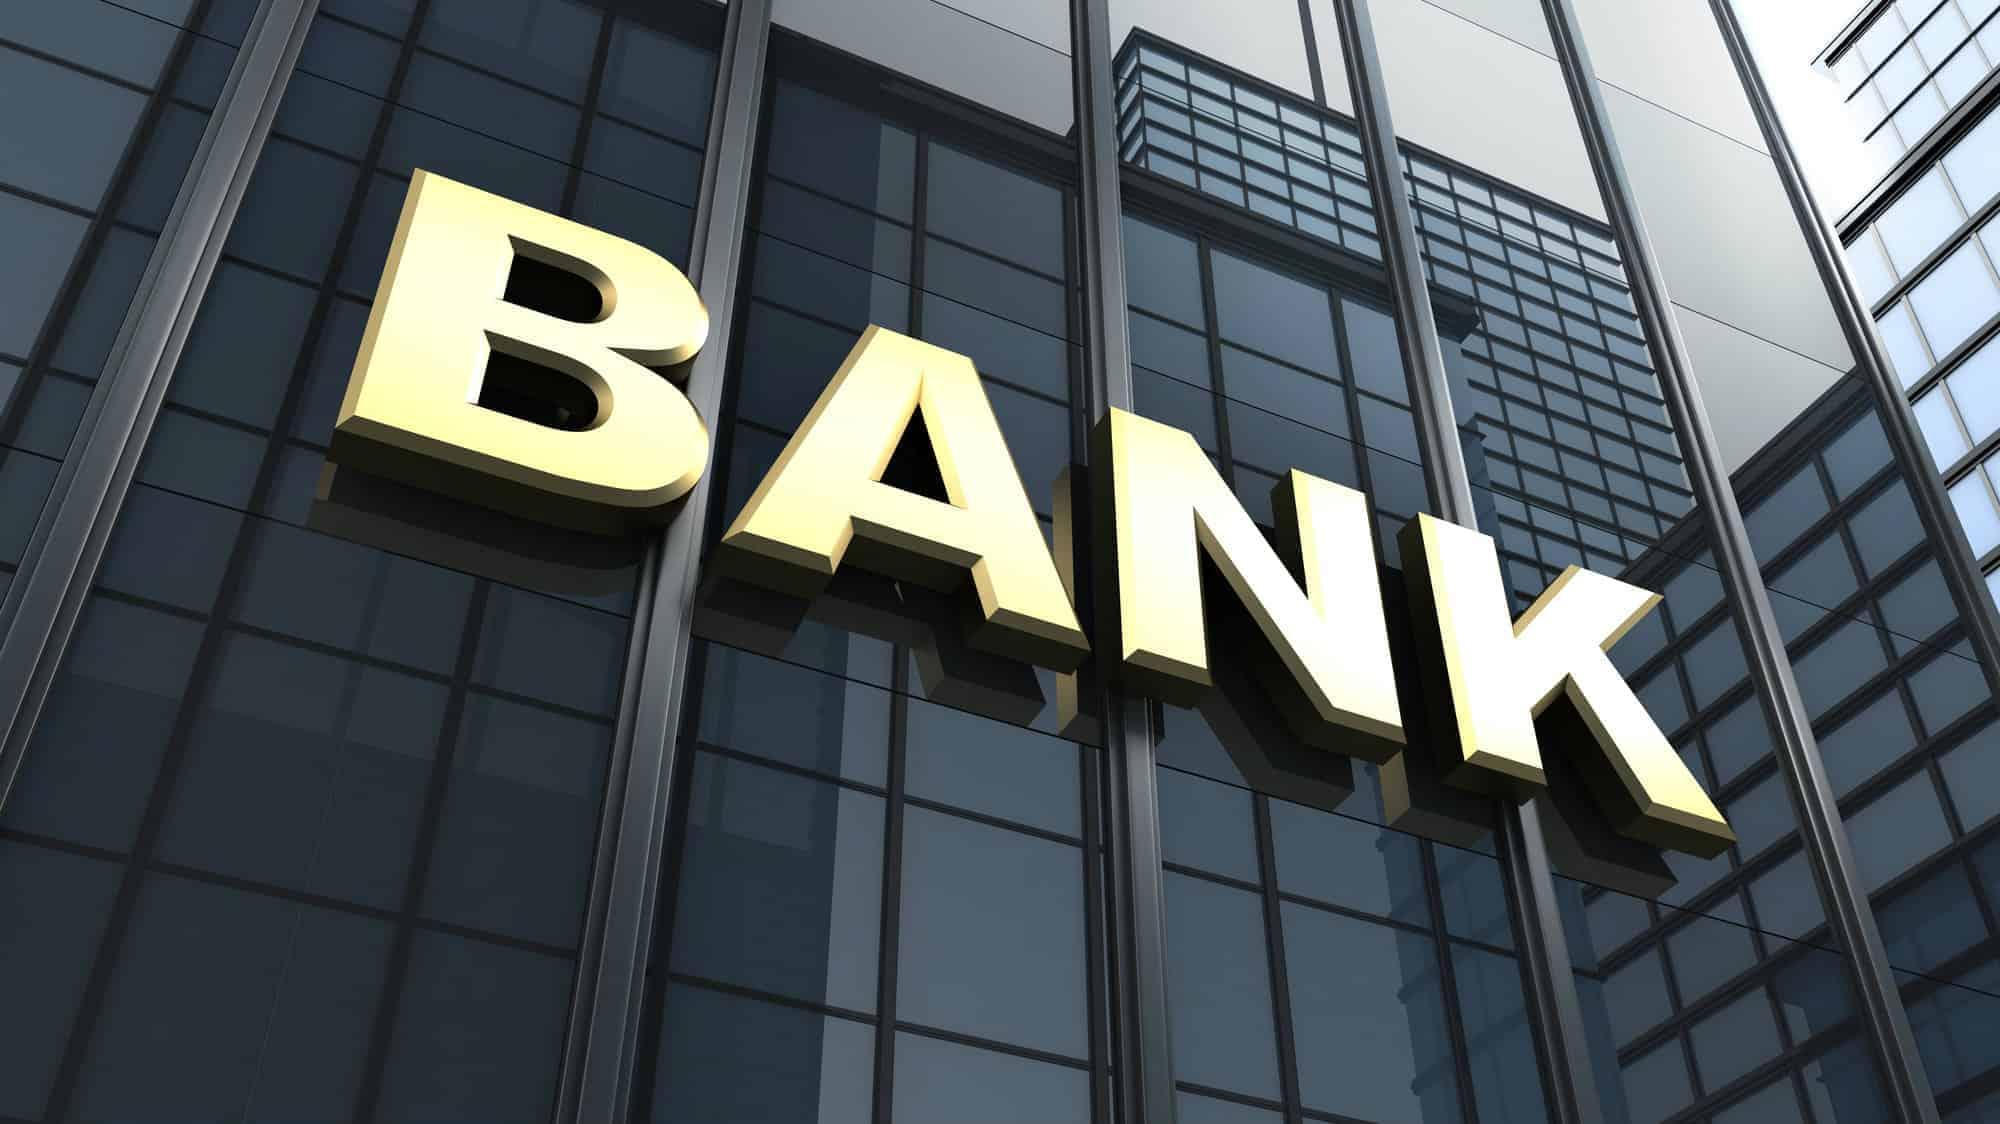 企业数字化转型大势所趋,银行对公业务将扮演什么角色?